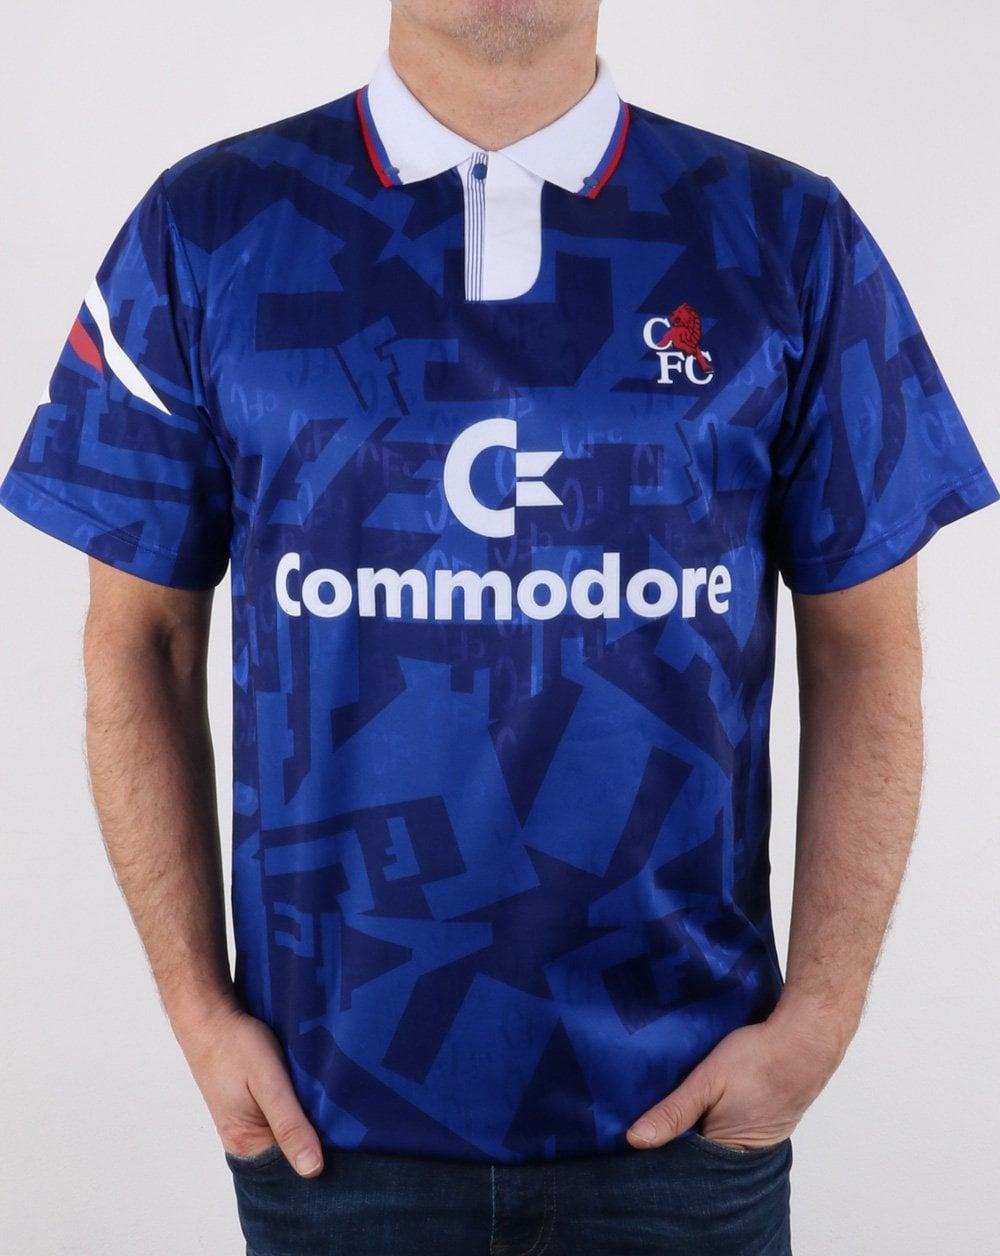 newest 89224 3d223 Chelsea 1992 Football Shirt Blue